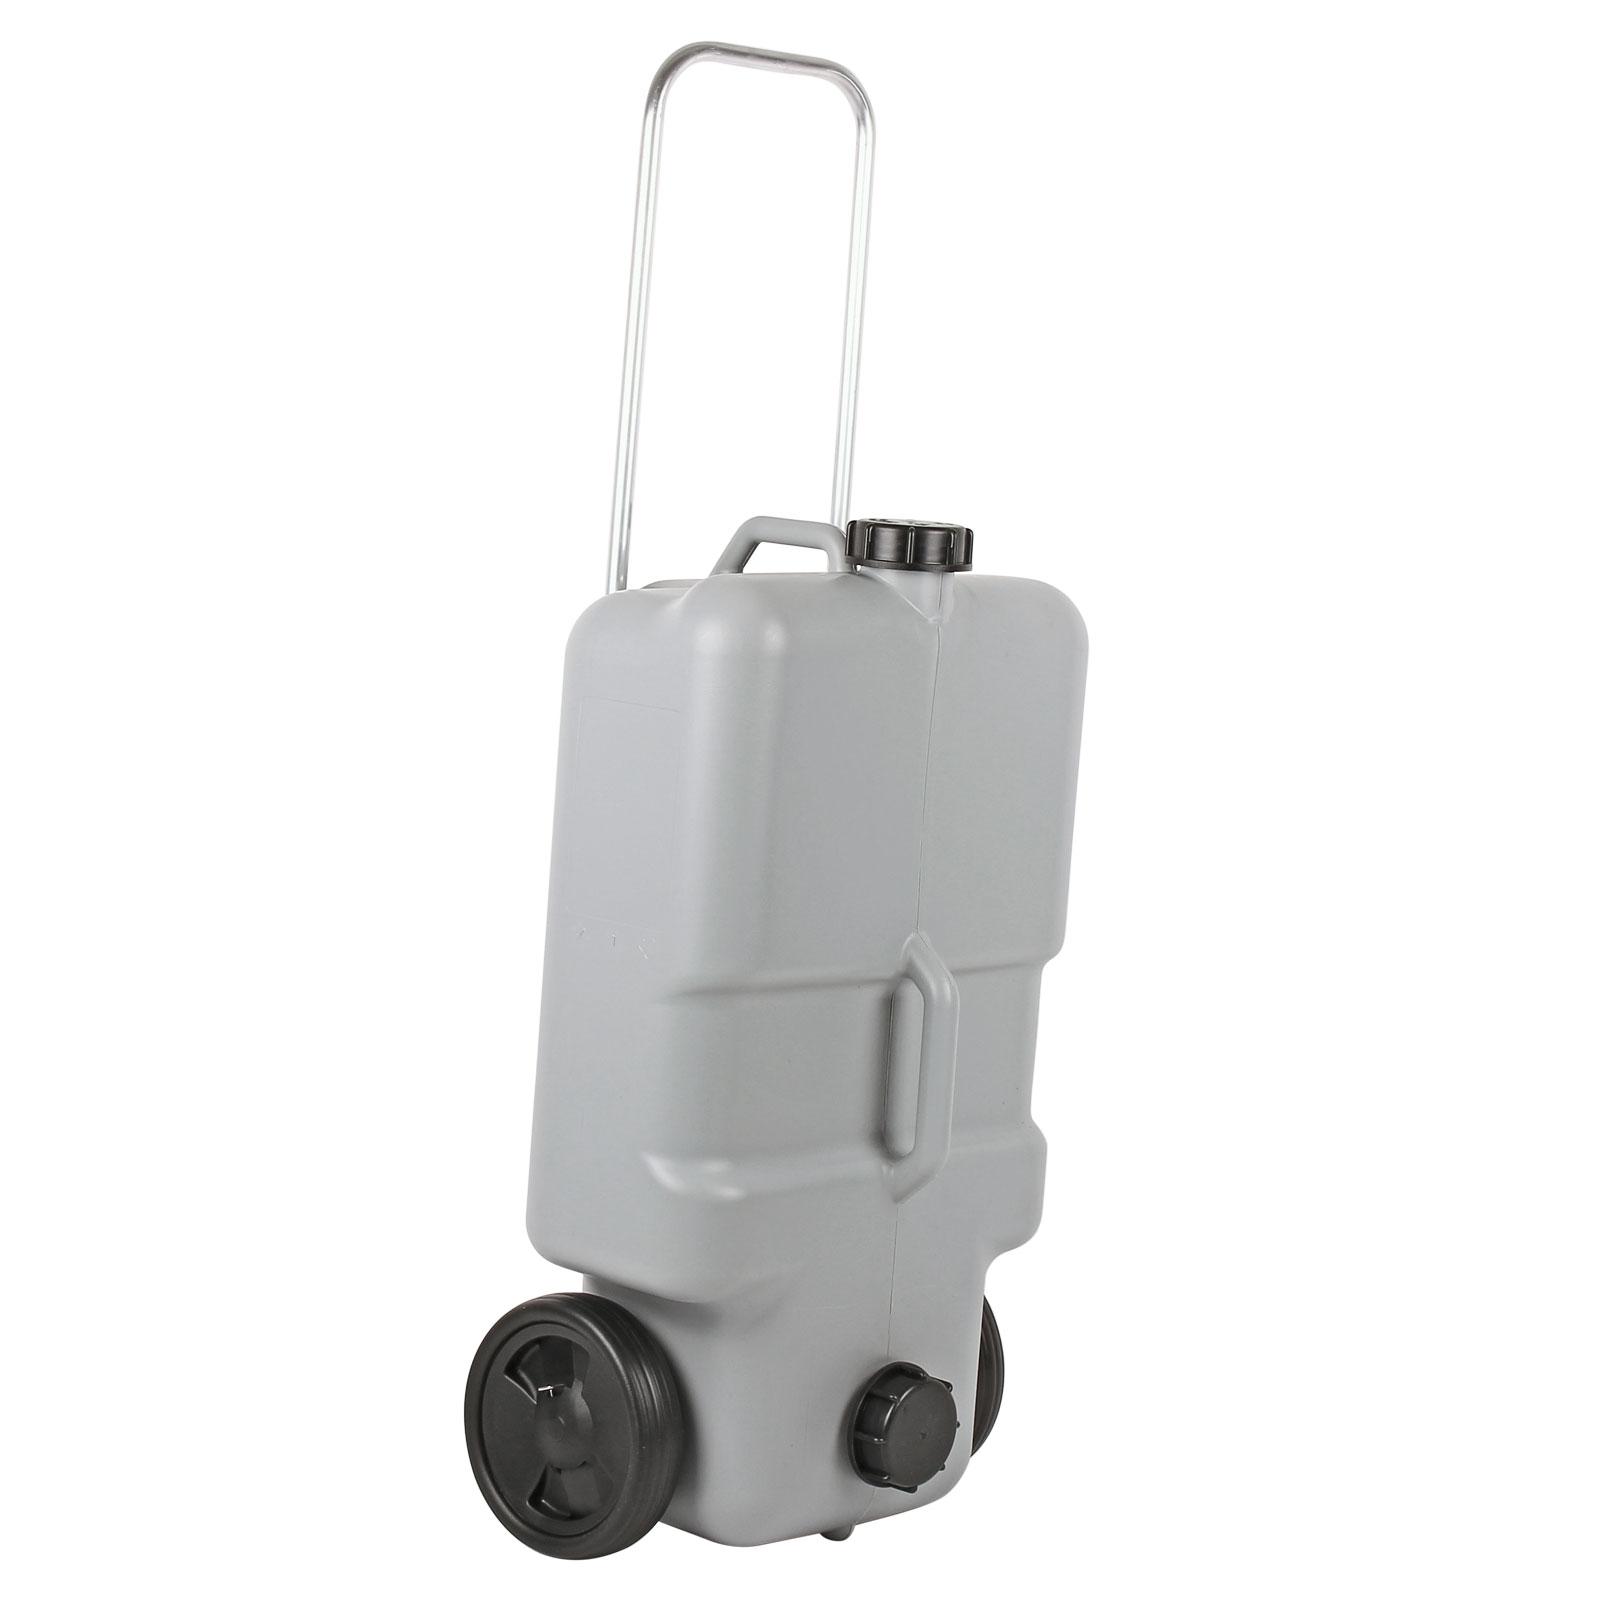 Abwasser Rolltank 25 Liter mit Rollen, ausziehbarer Griff, Grau